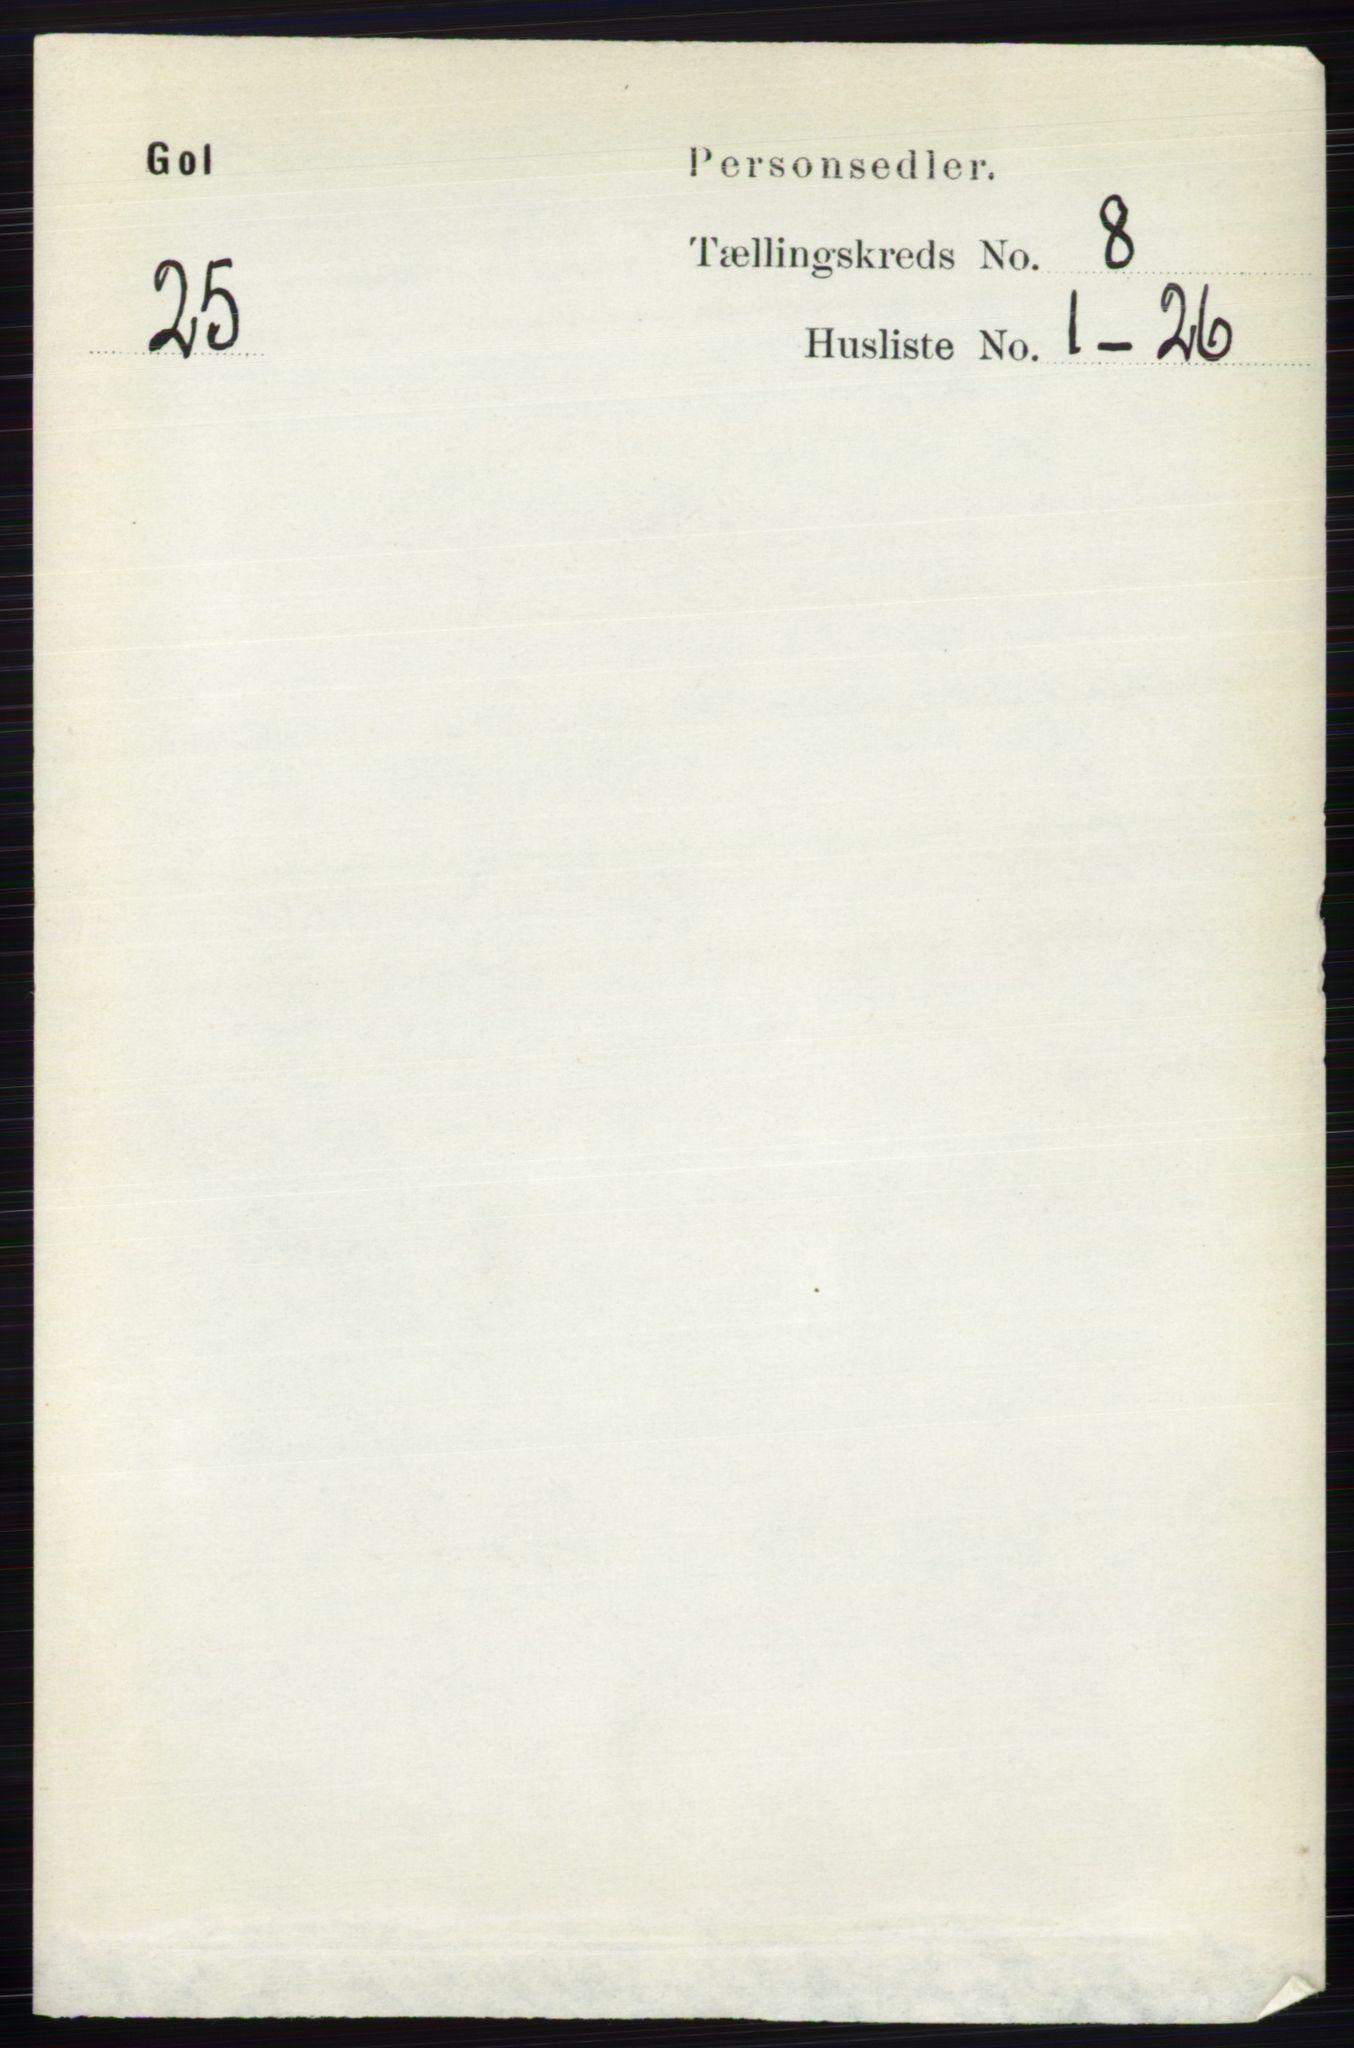 RA, Folketelling 1891 for 0617 Gol og Hemsedal herred, 1891, s. 3034